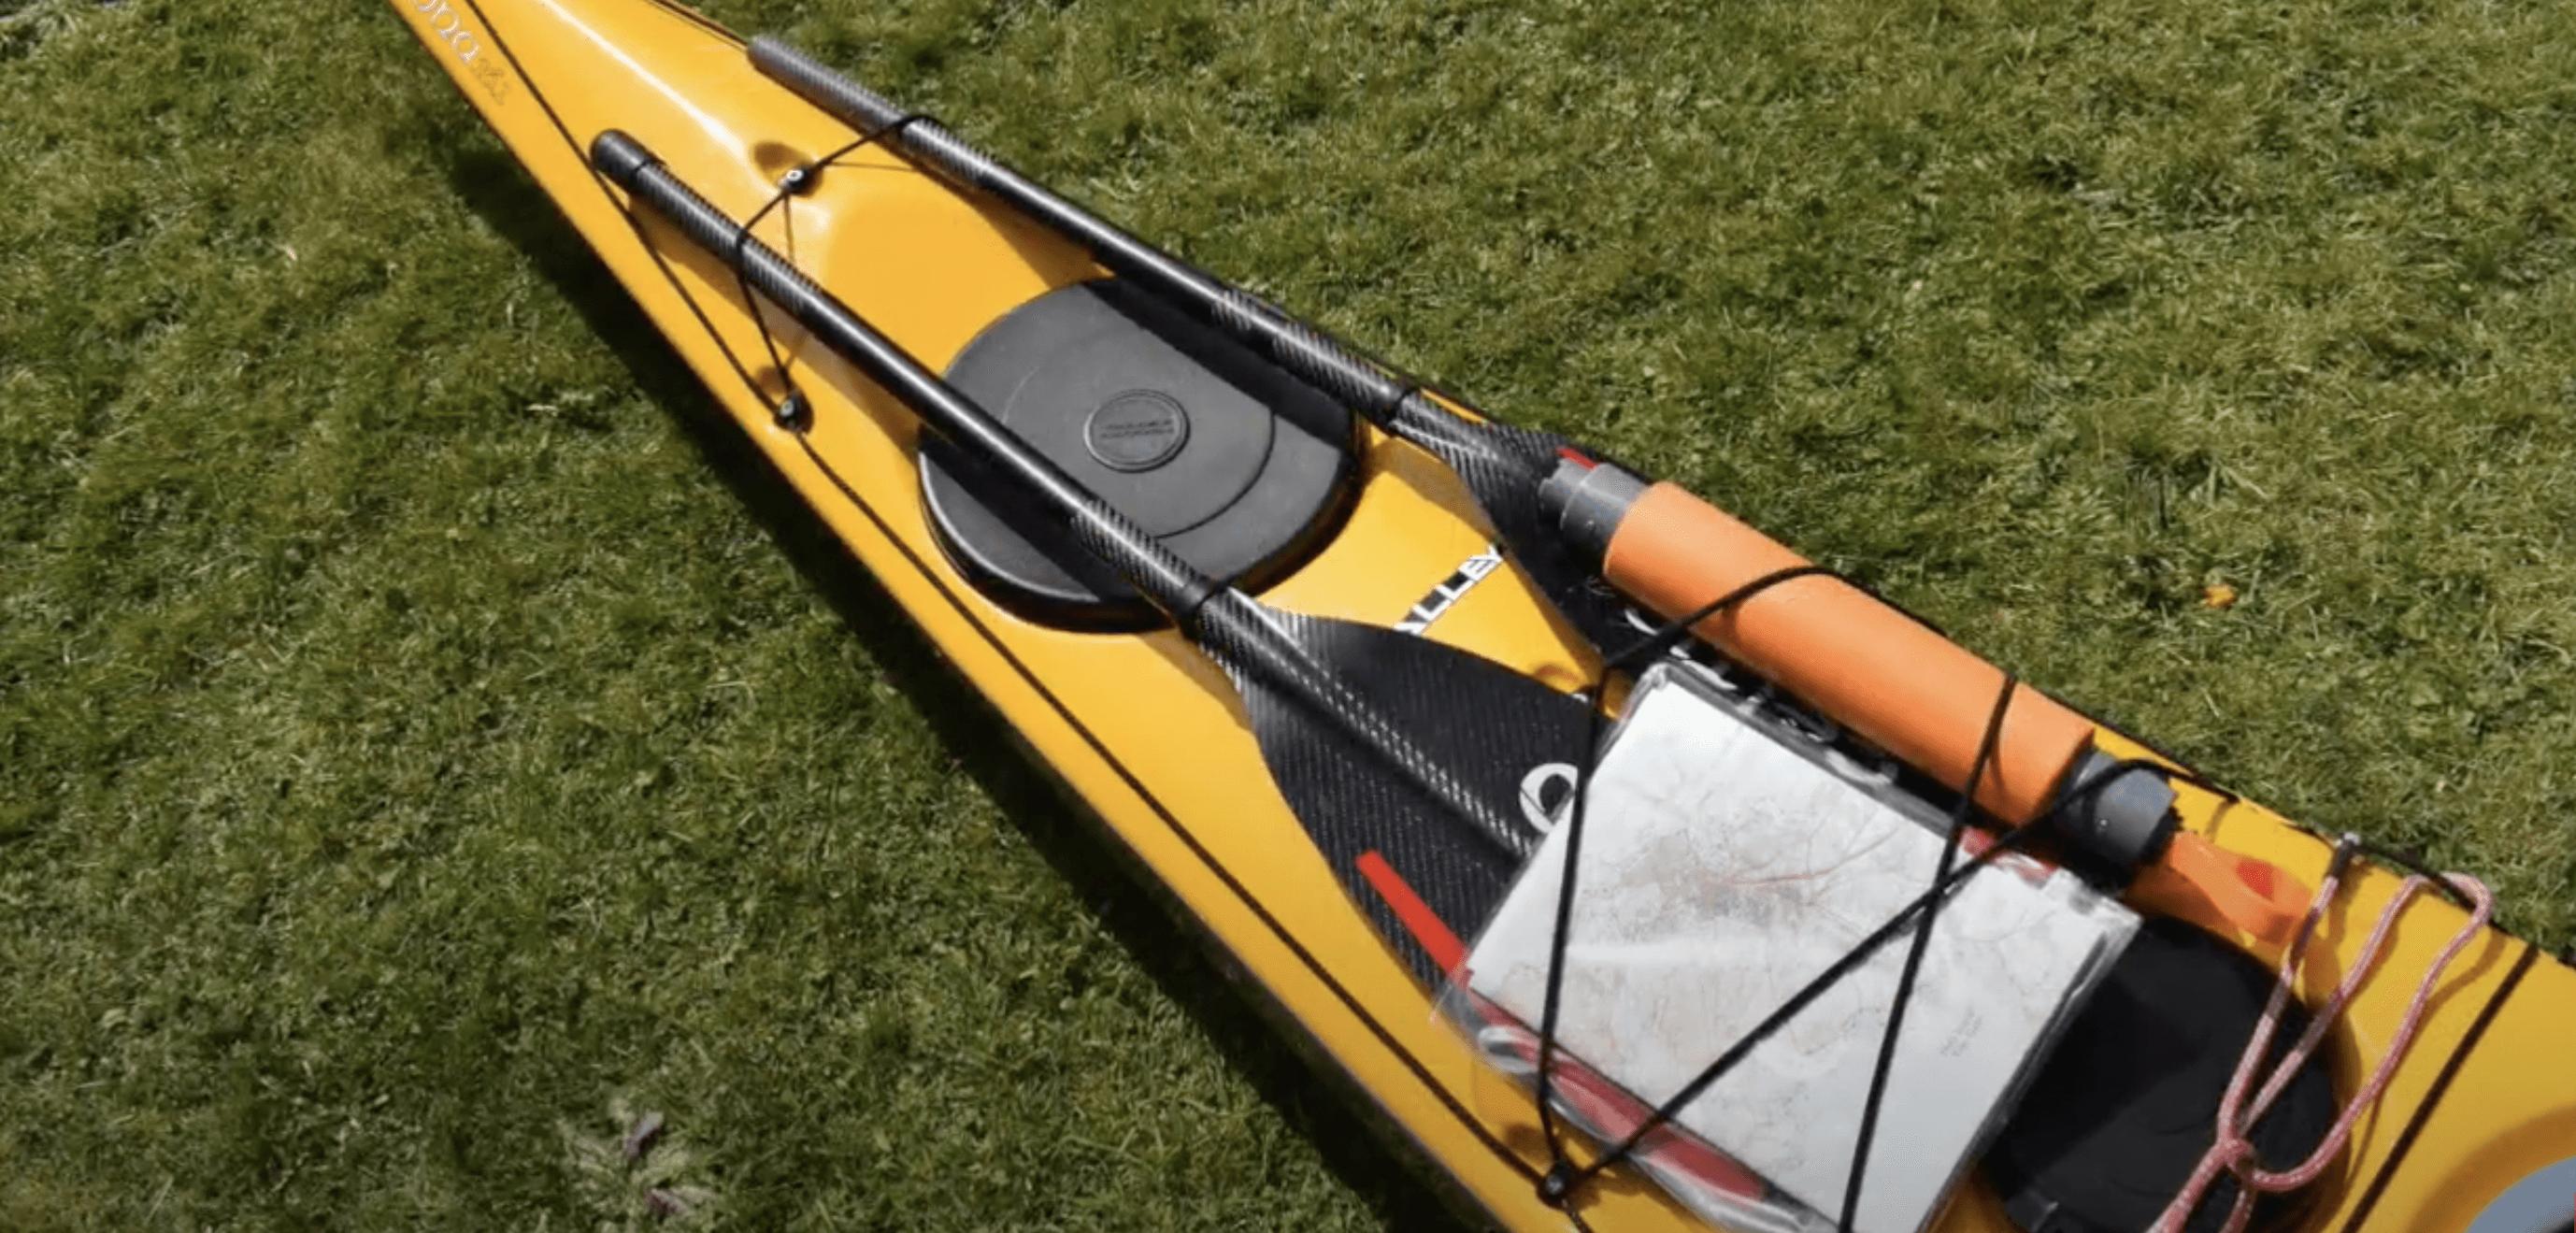 Kayak Safety Kit - Deck